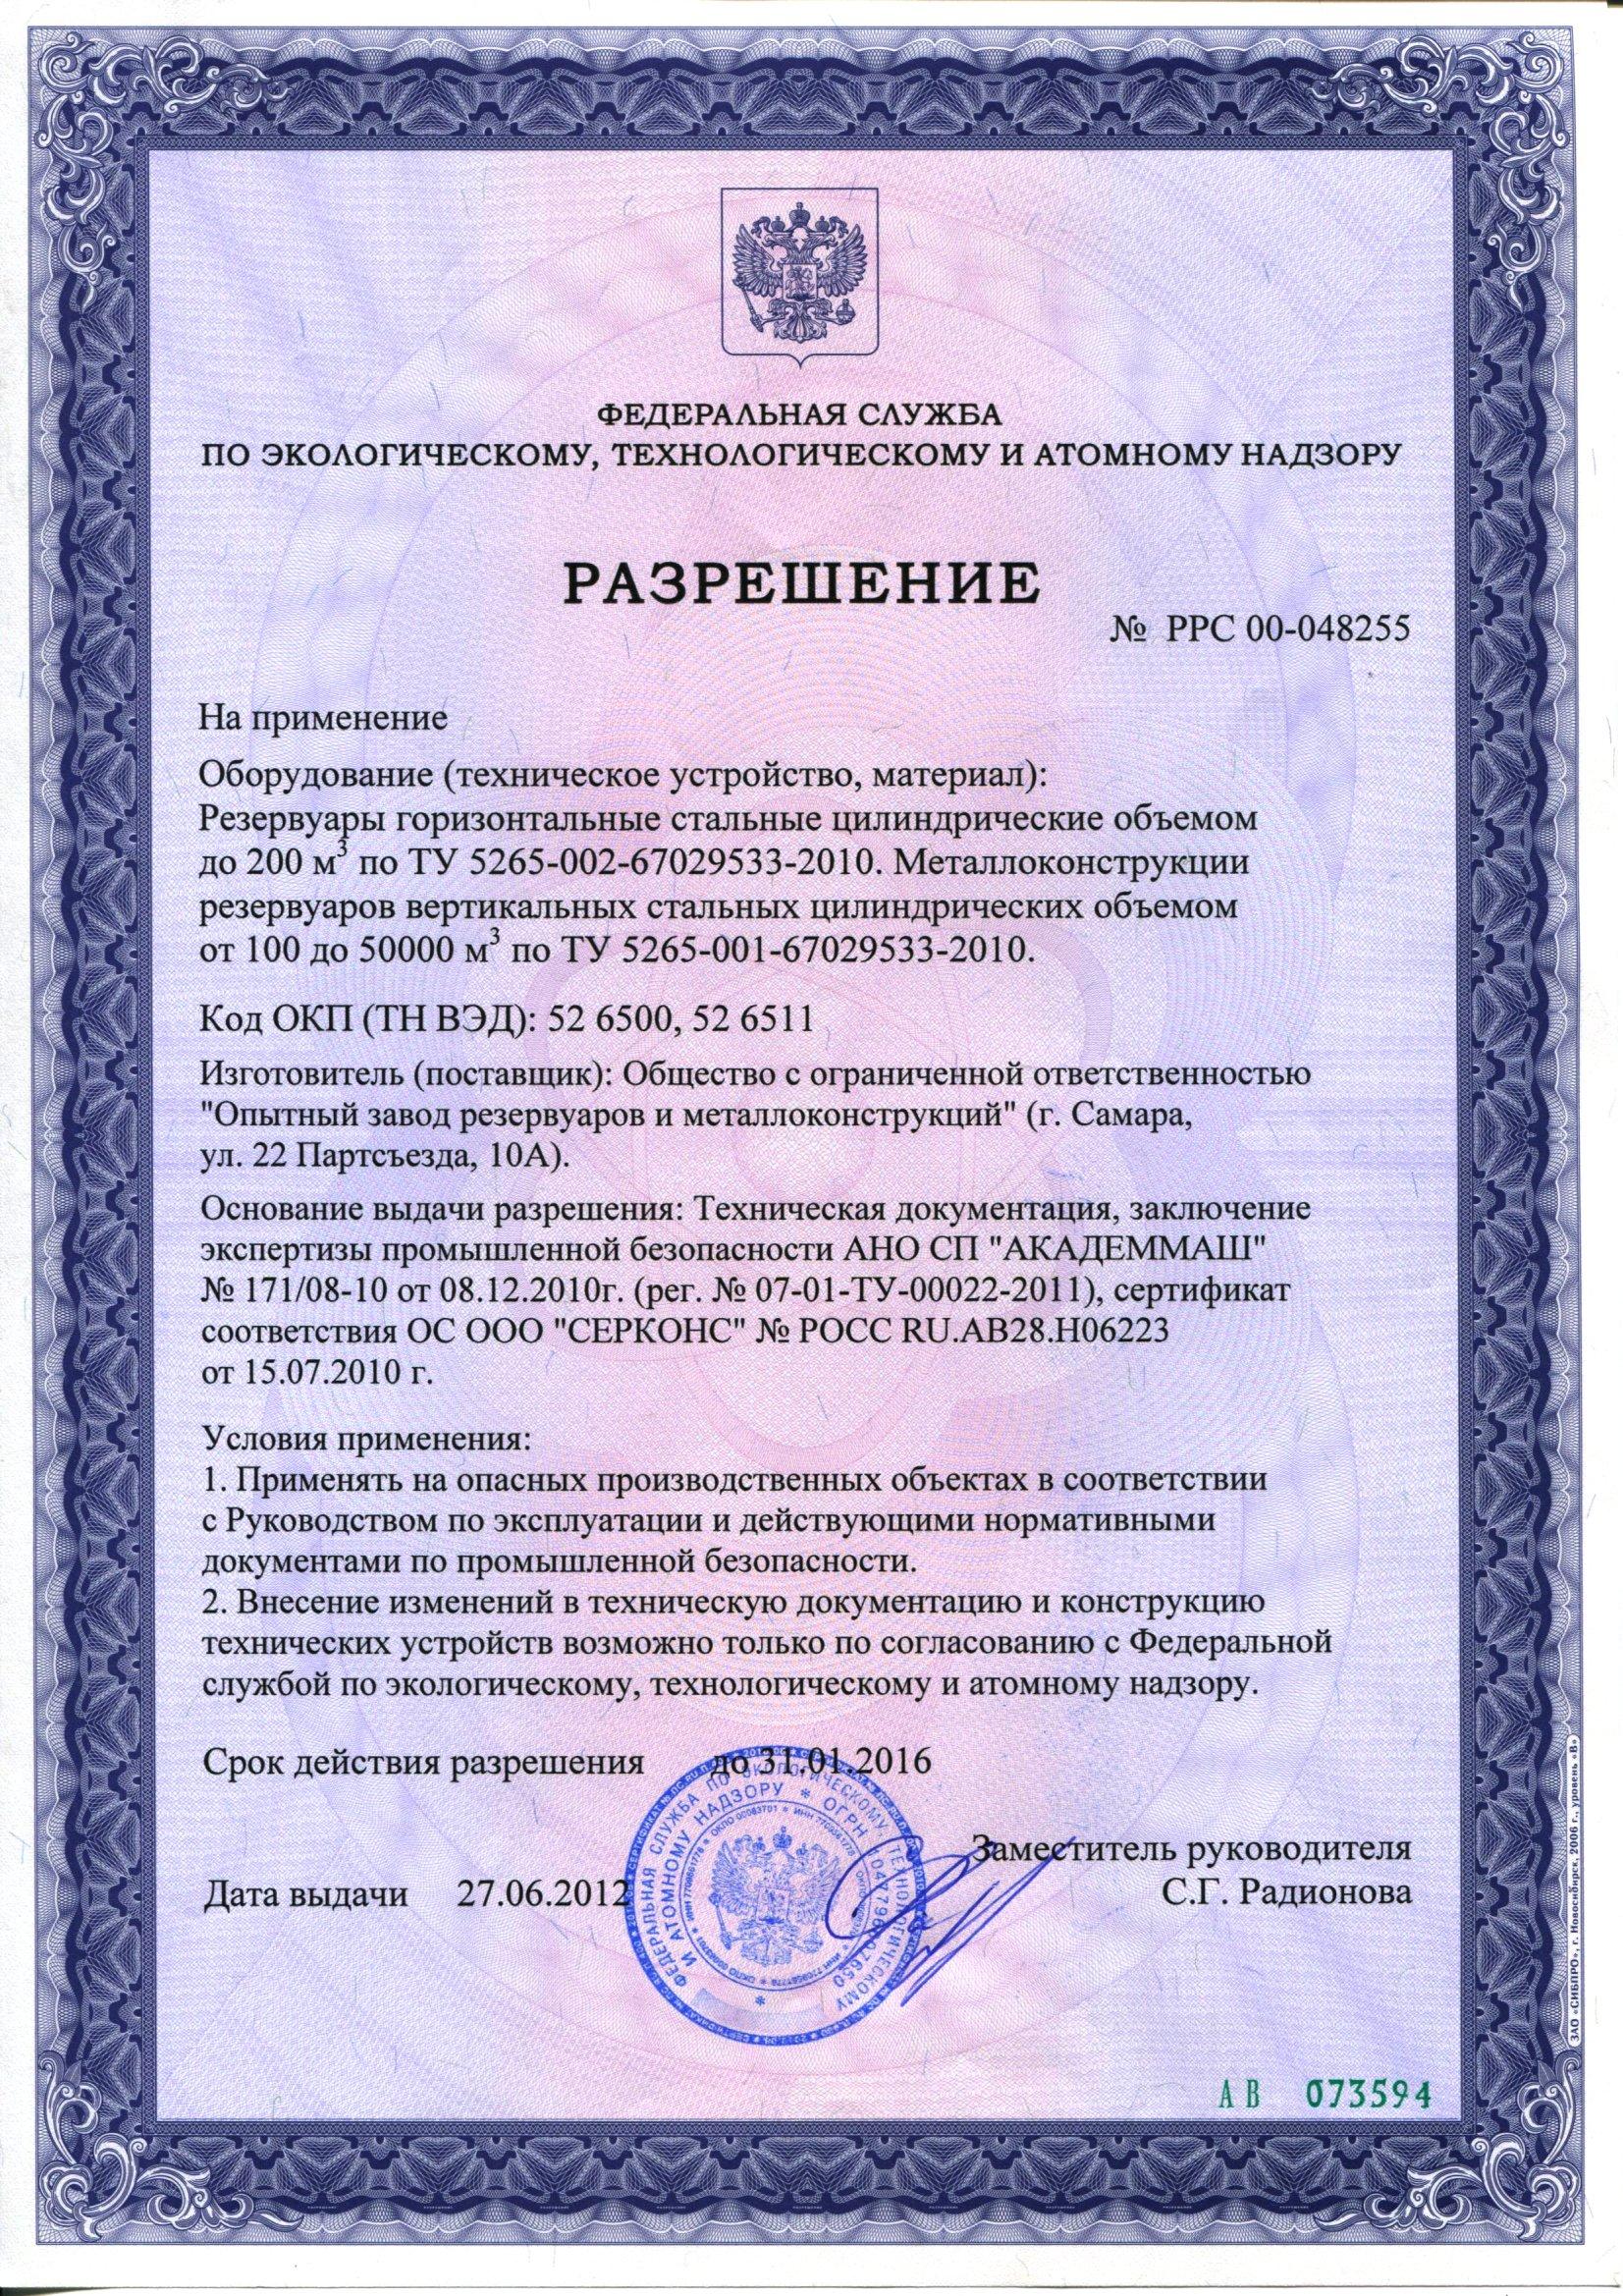 Разрешение на применение резервуары и металлоконструкции резервуаров